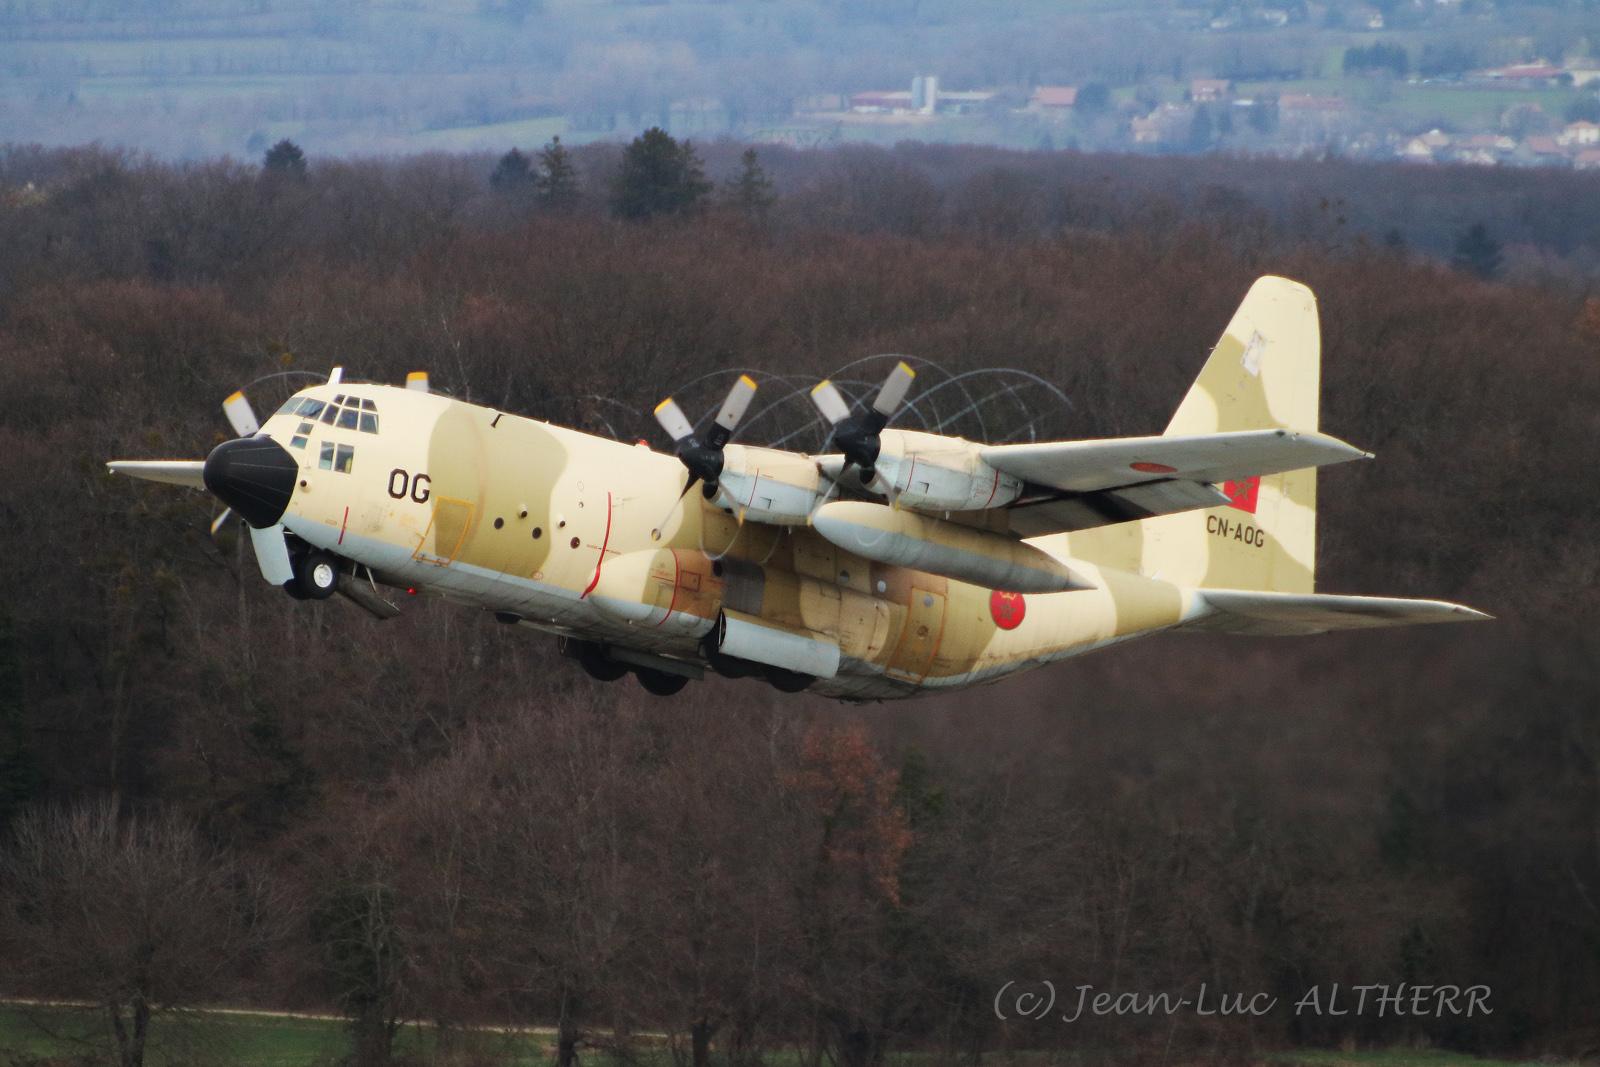 FRA: Photos d'avions de transport - Page 37 40352432103_601e695bc7_o